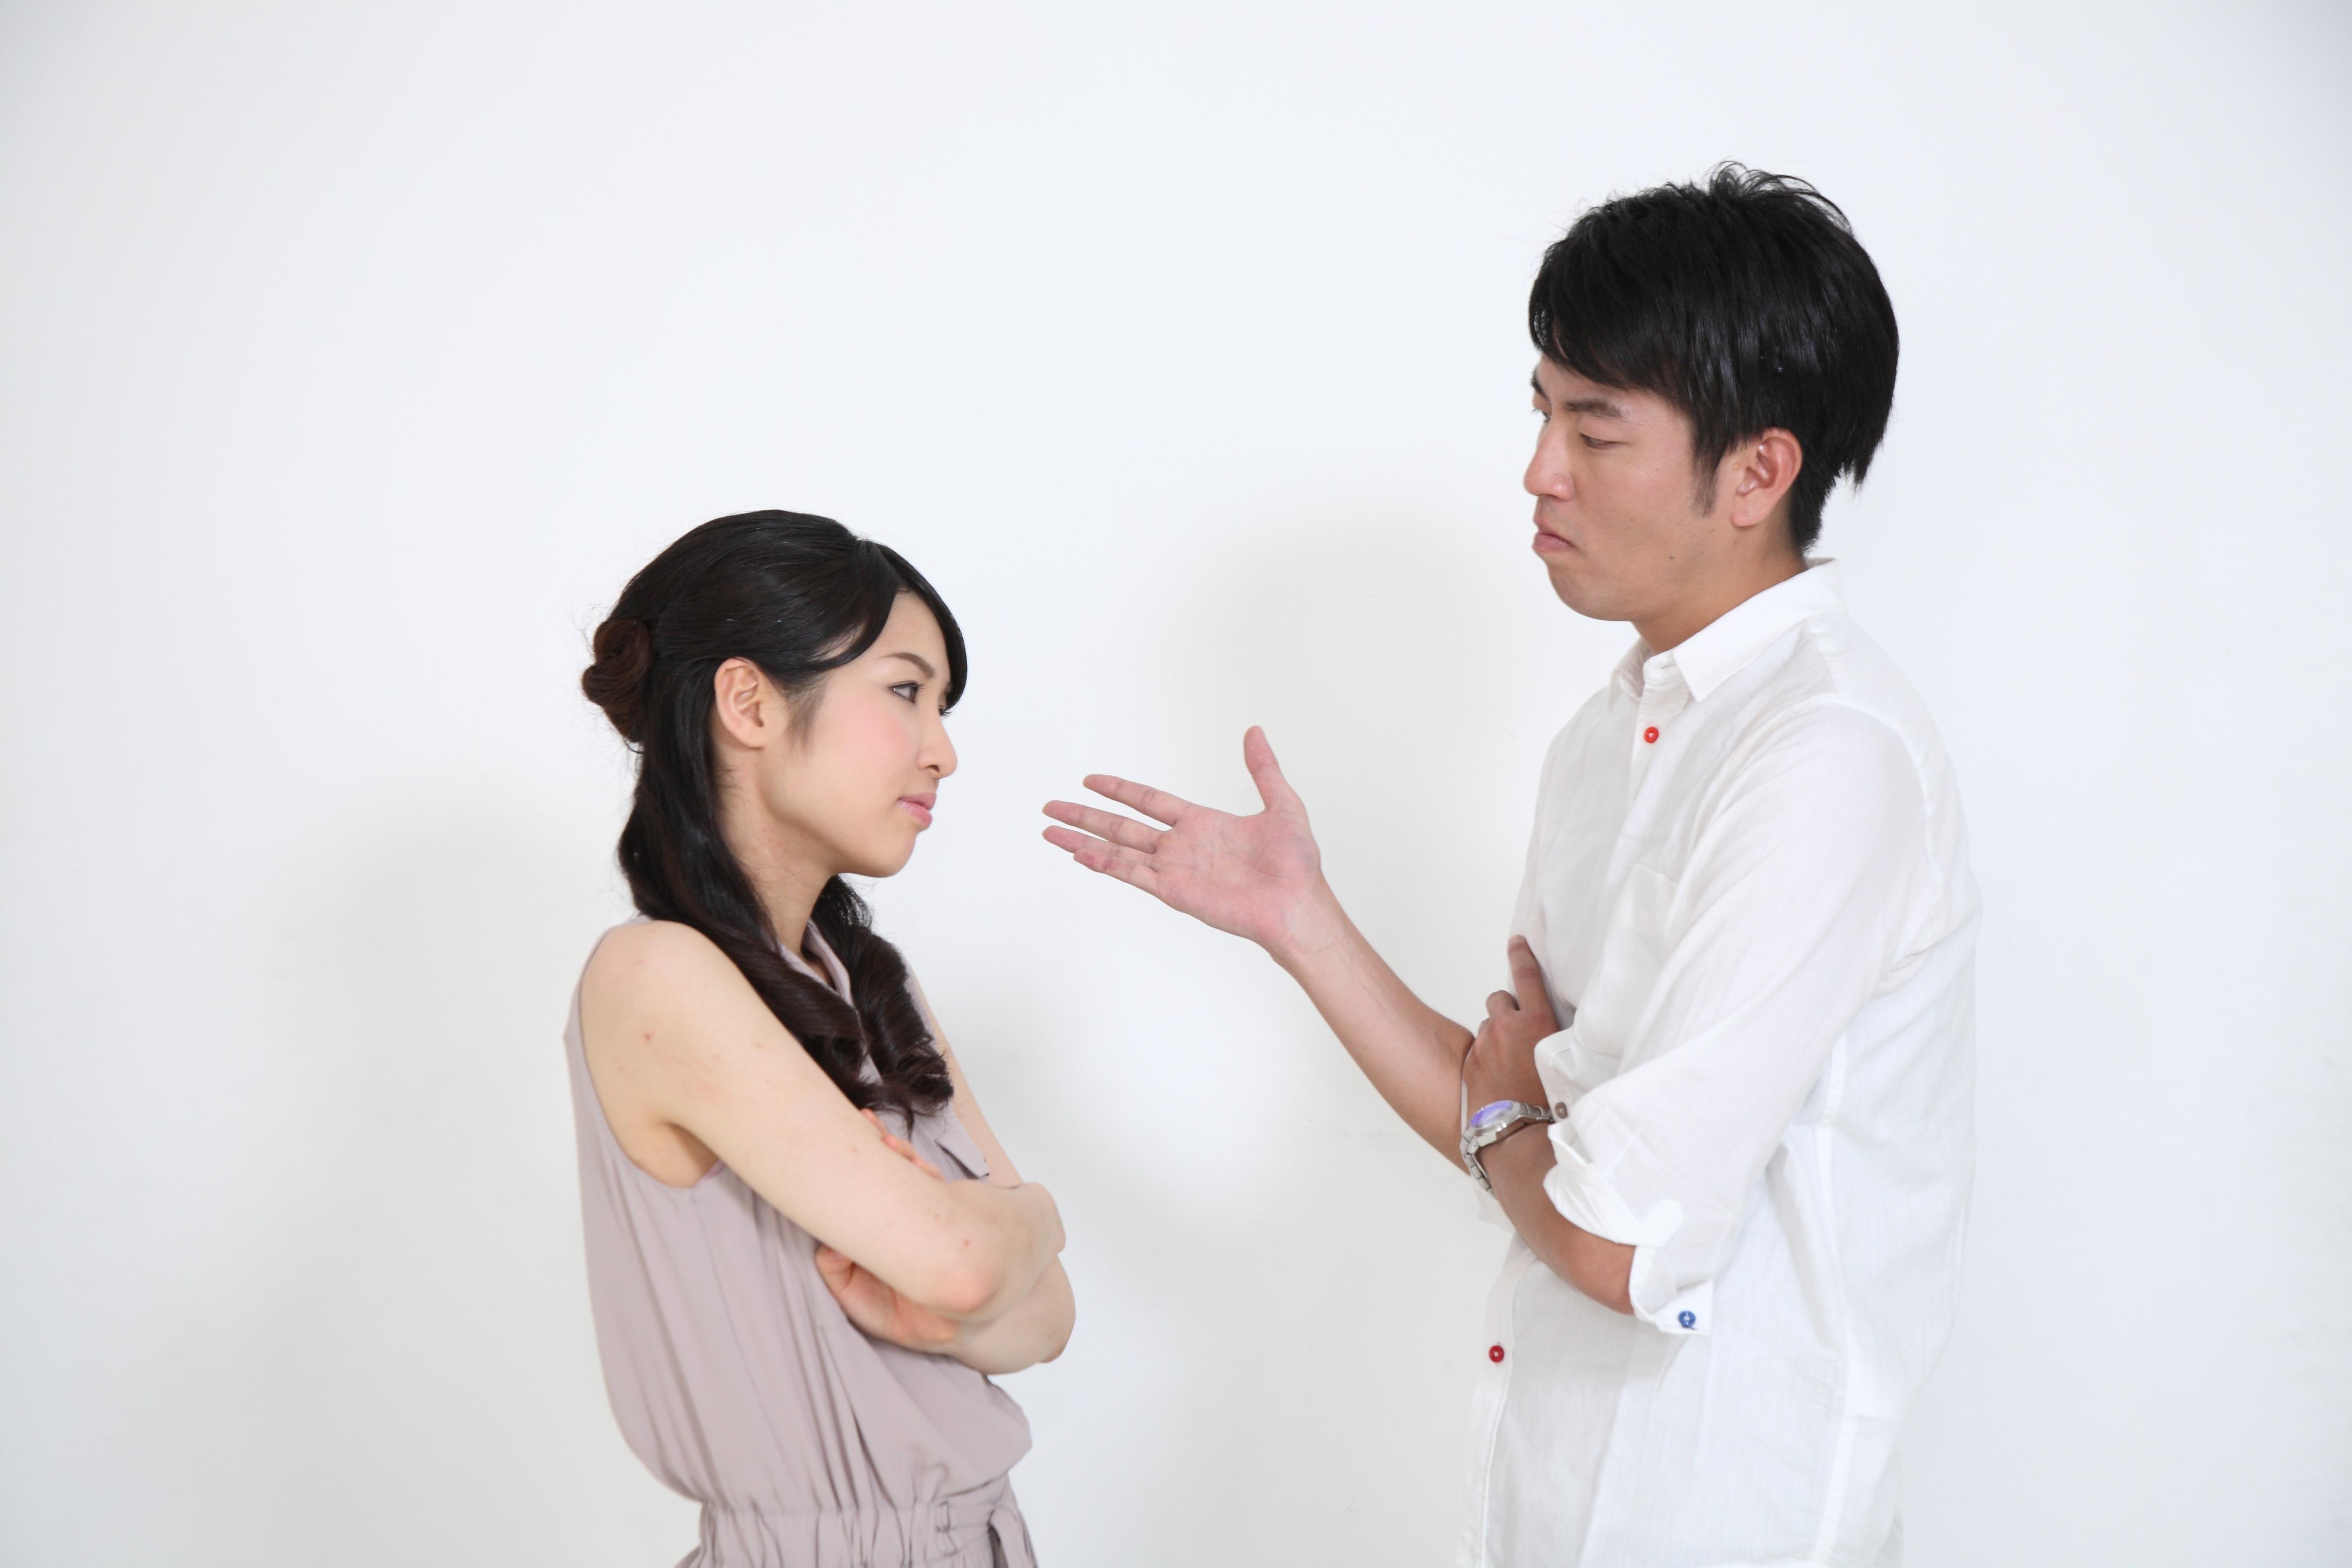 夫婦喧嘩がグンと減る話し方とは?【夫婦関係修復・改善Q&A ...